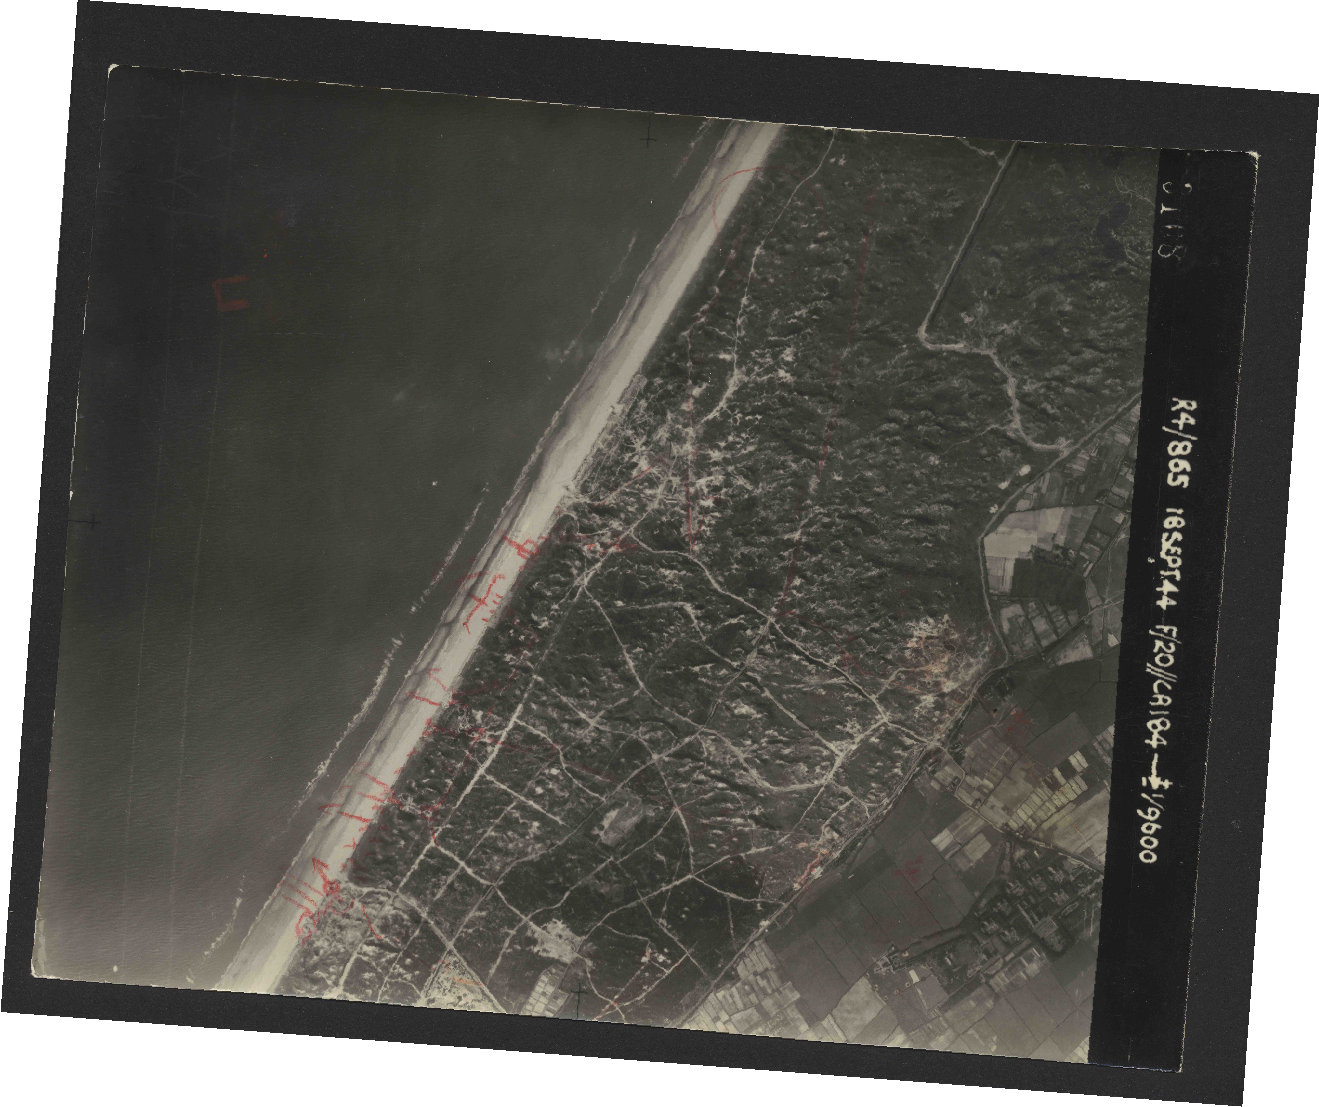 Collection RAF aerial photos 1940-1945 - flight 280, run 12, photo 3108